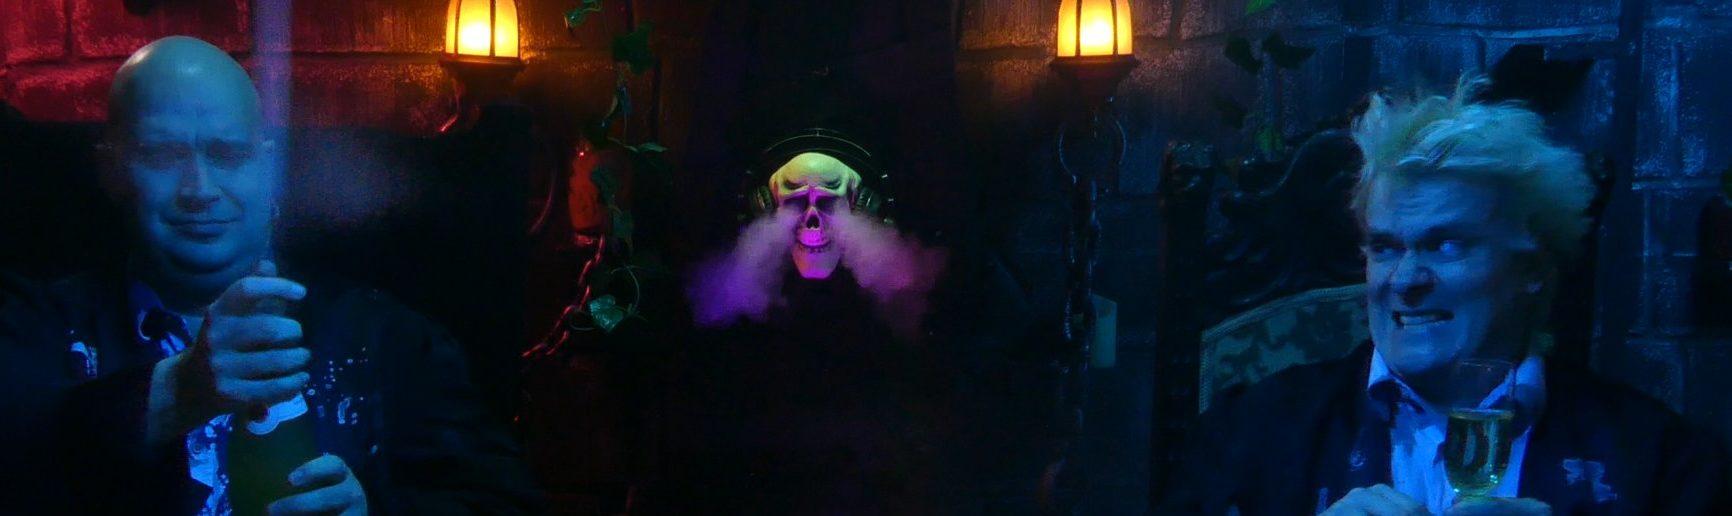 Episode 15: Lady Bedfort 33 (Hörplanet)